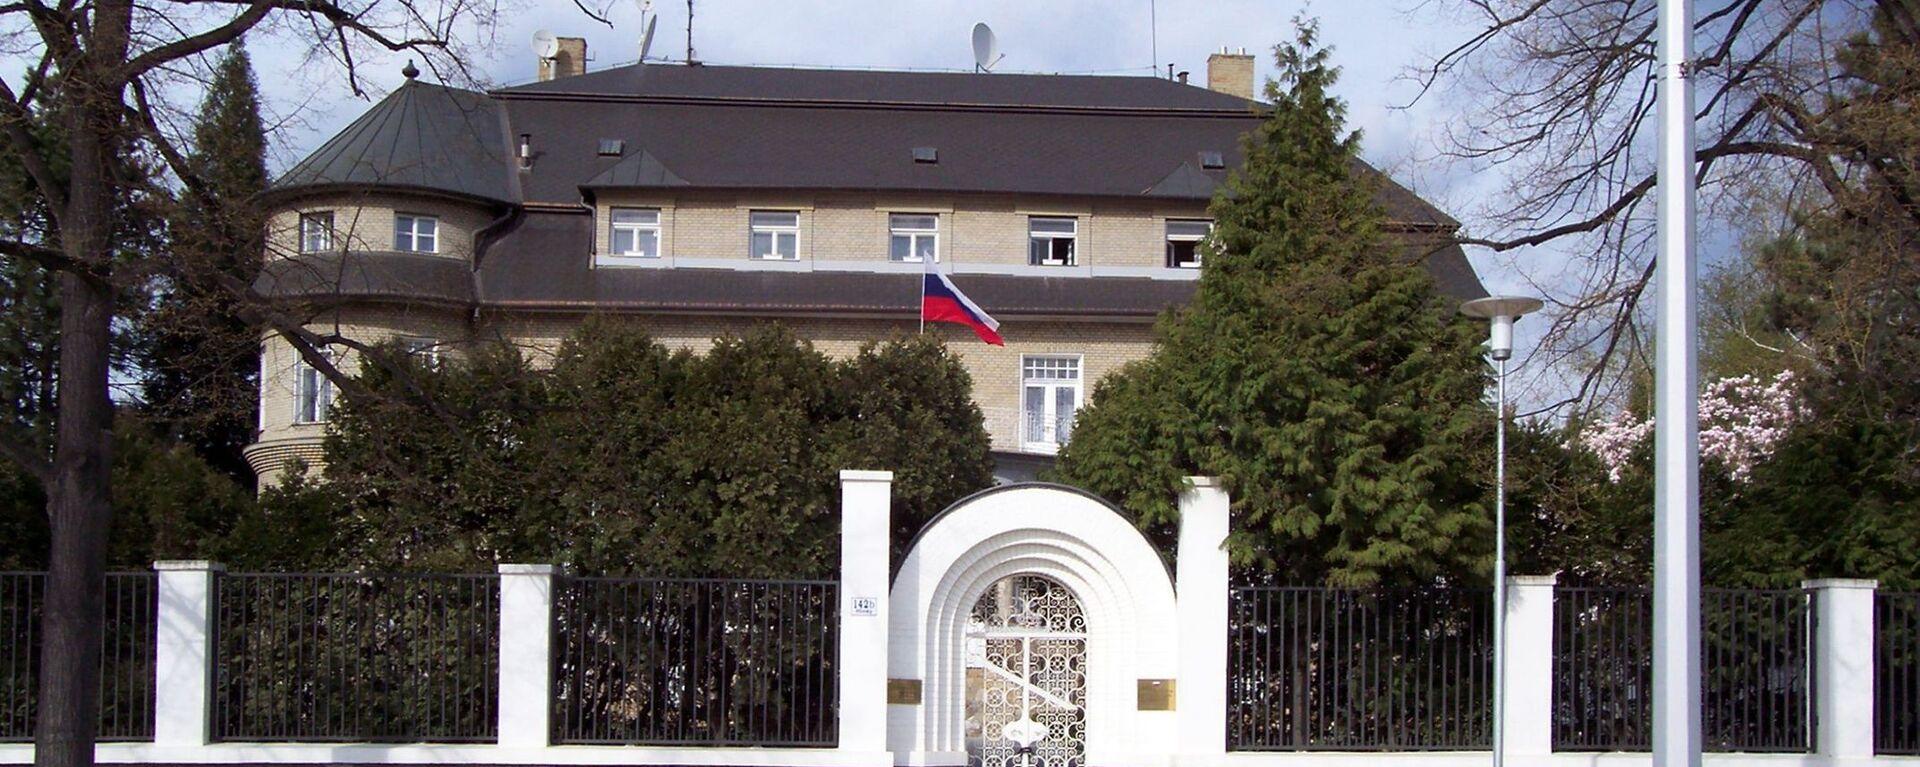 Generální konzulát Ruské federace v Brně - Sputnik Česká republika, 1920, 23.04.2021